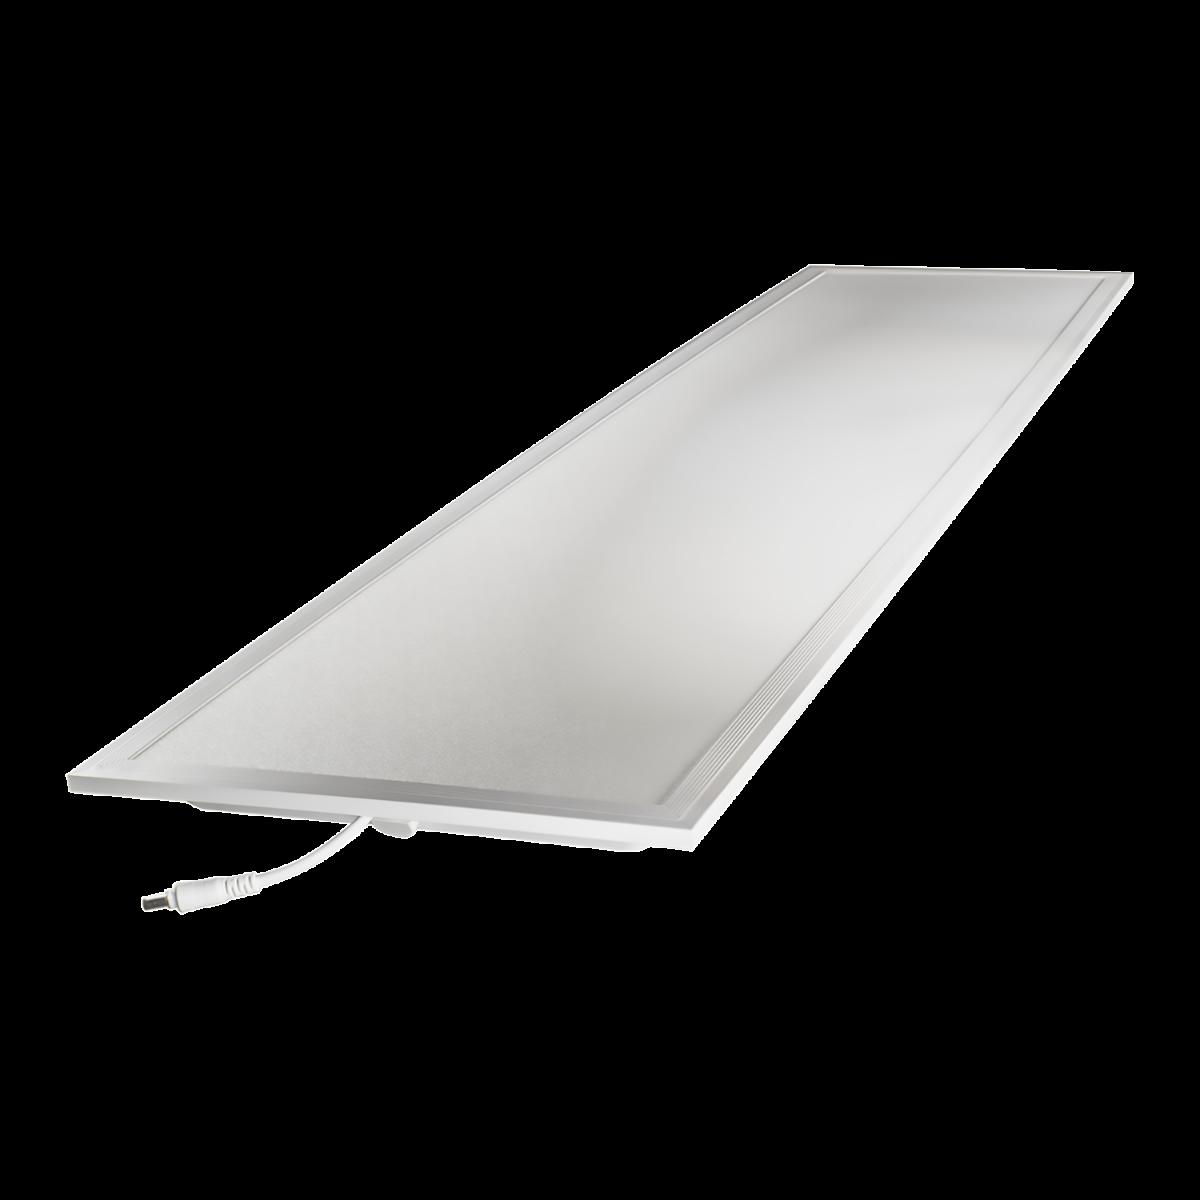 Noxion Panneau LED Delta Pro Highlum V2.0 40W 30x120cm 4000K 5480lm UGR <19 | Blanc Froid - Substitut 2x36W